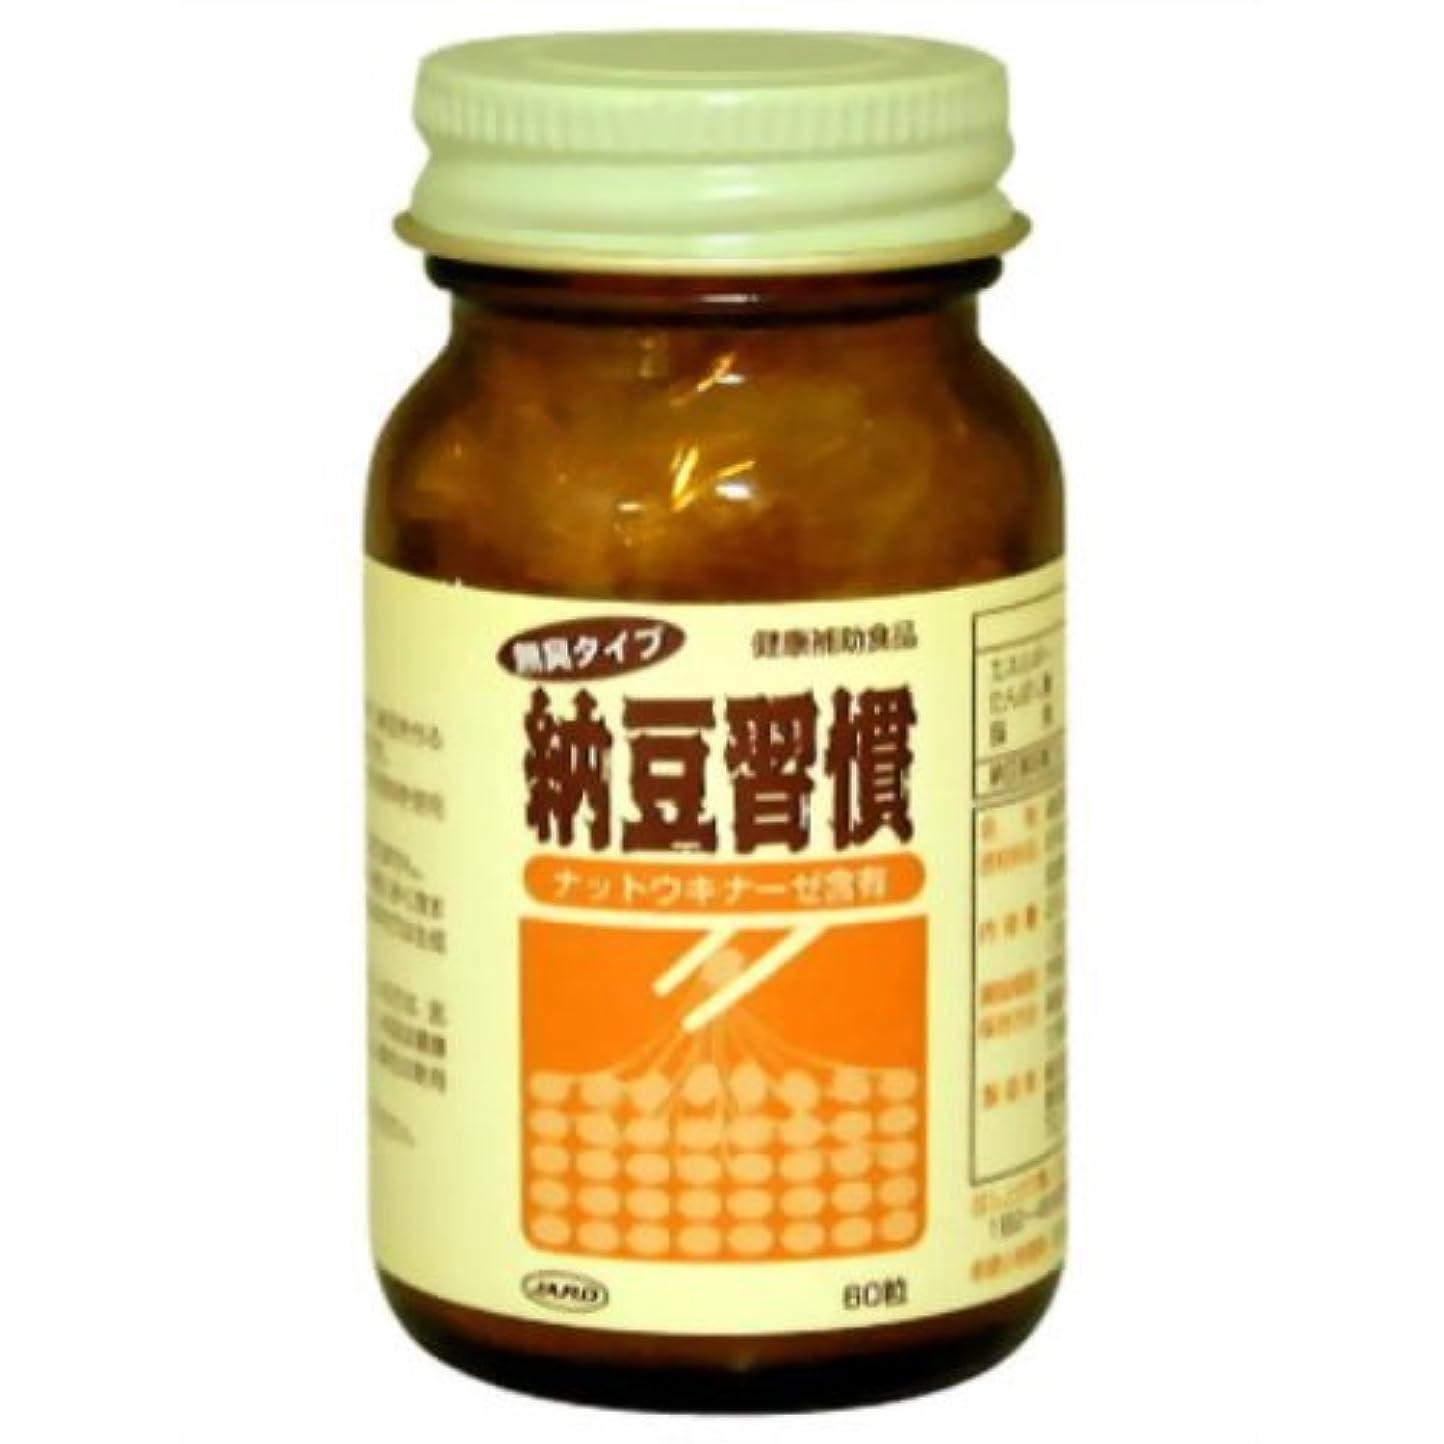 アスペクトる乱雑な納豆習慣 ナットウキナーゼ含有